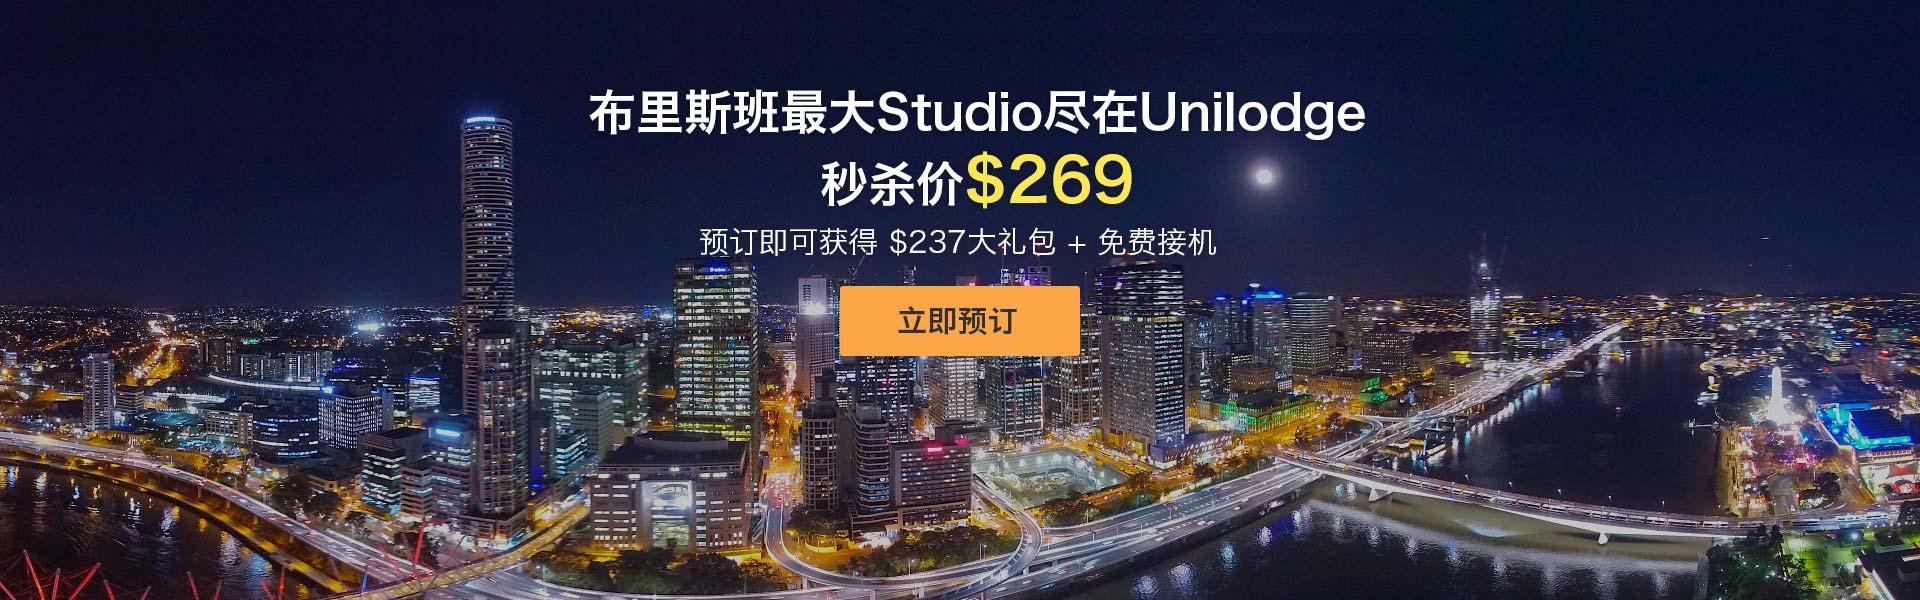 布里斯班最大Studio尽在Unilodge,秒杀价$269!